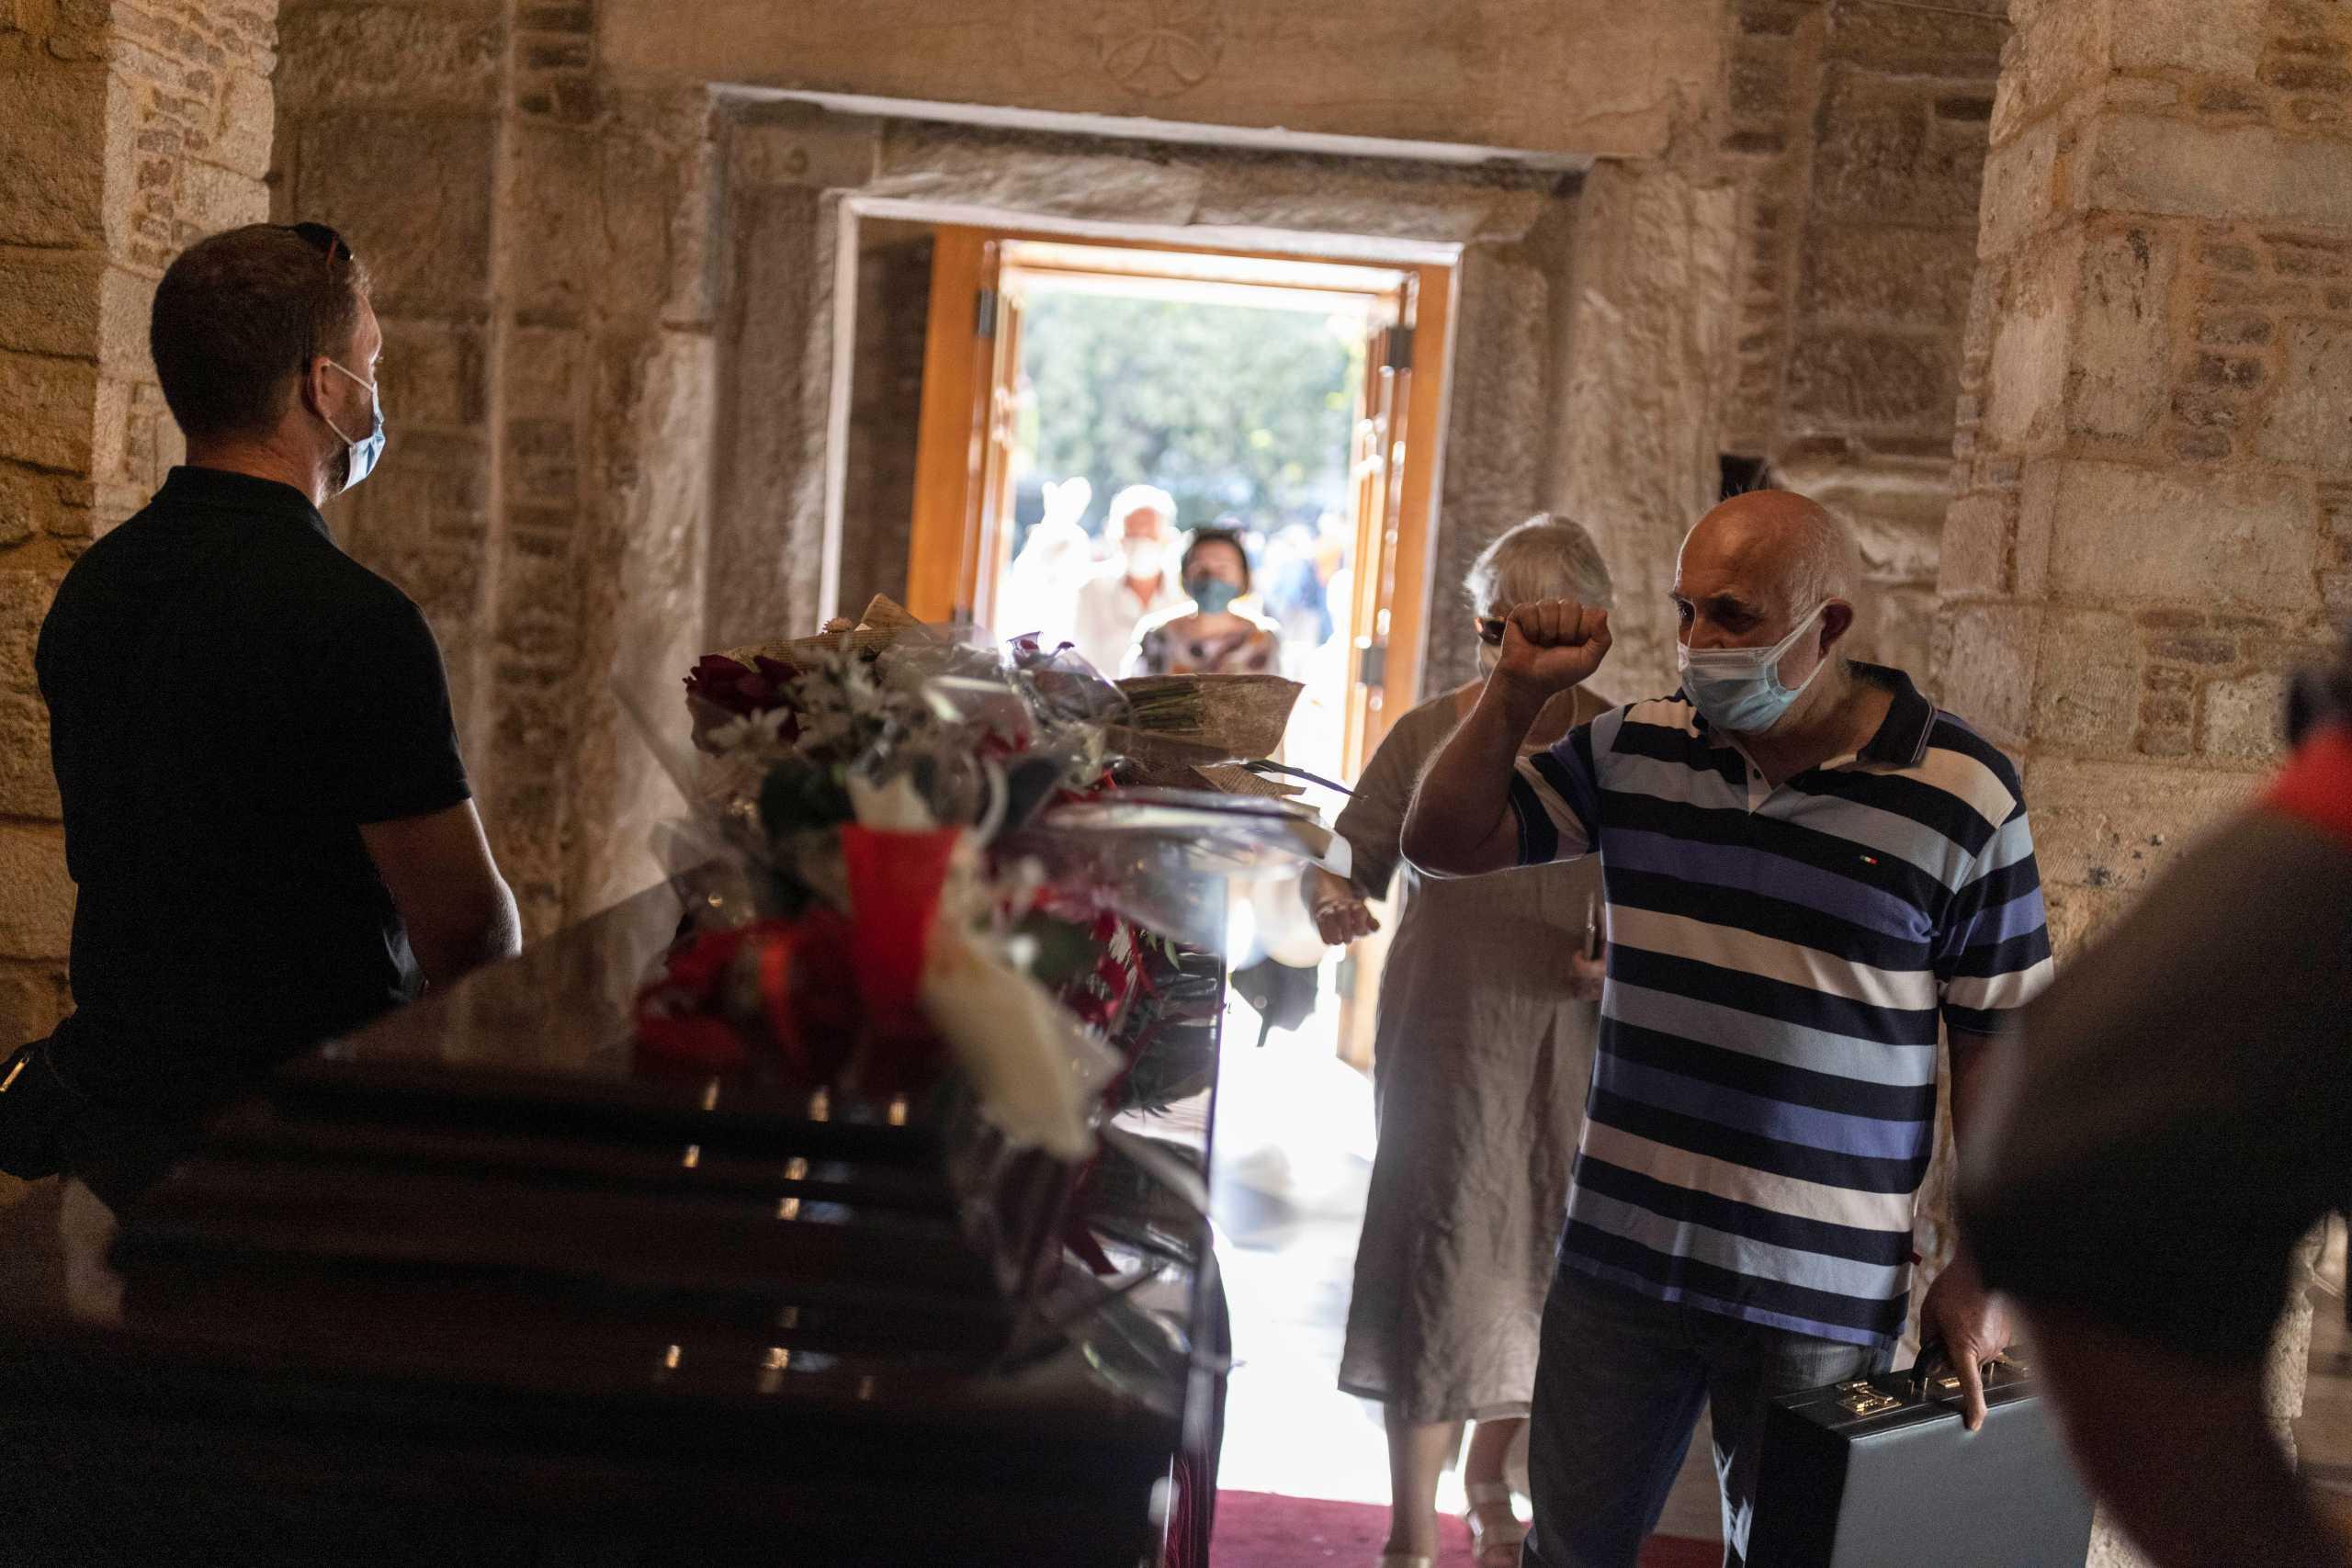 Μίκης Θεοδωράκης: Με δικαστική απόφαση η κηδεία του θα γίνει όπως επιθυμούσε ο ίδιος